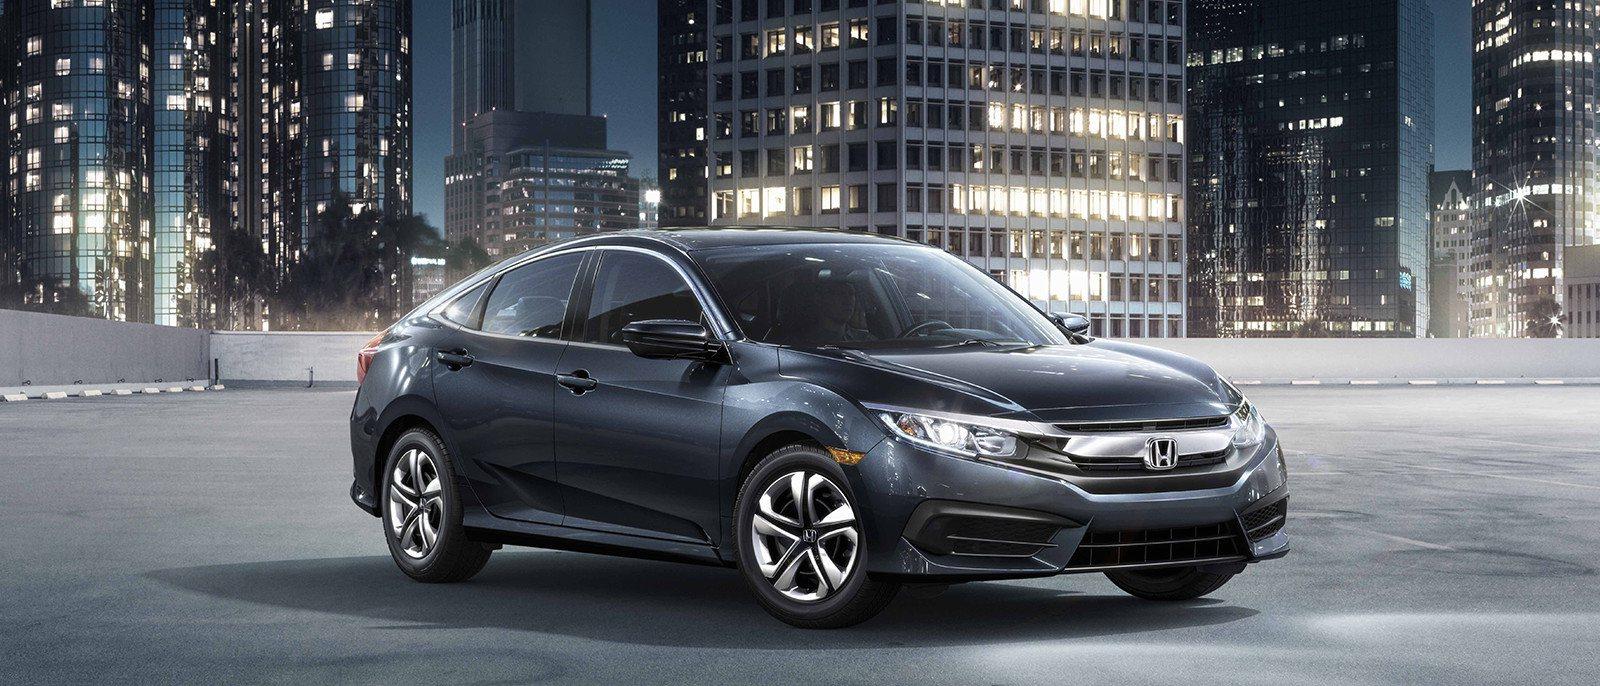 2016 Honda Civic in City